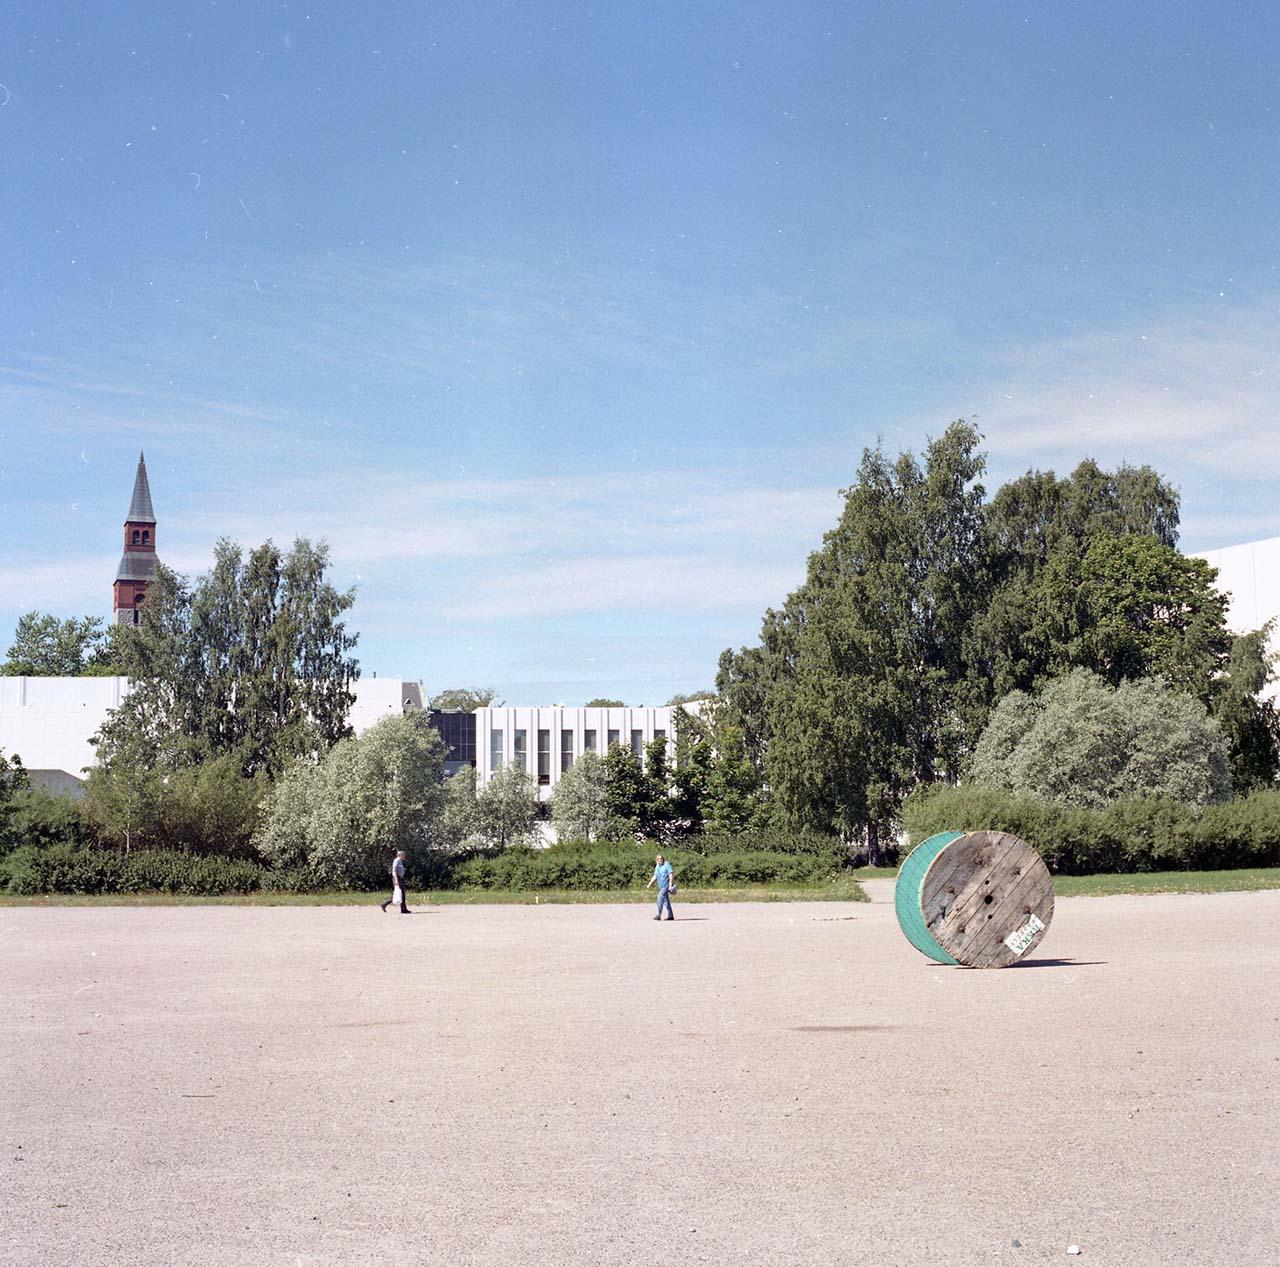 Helsinki Heinäkuu 2006